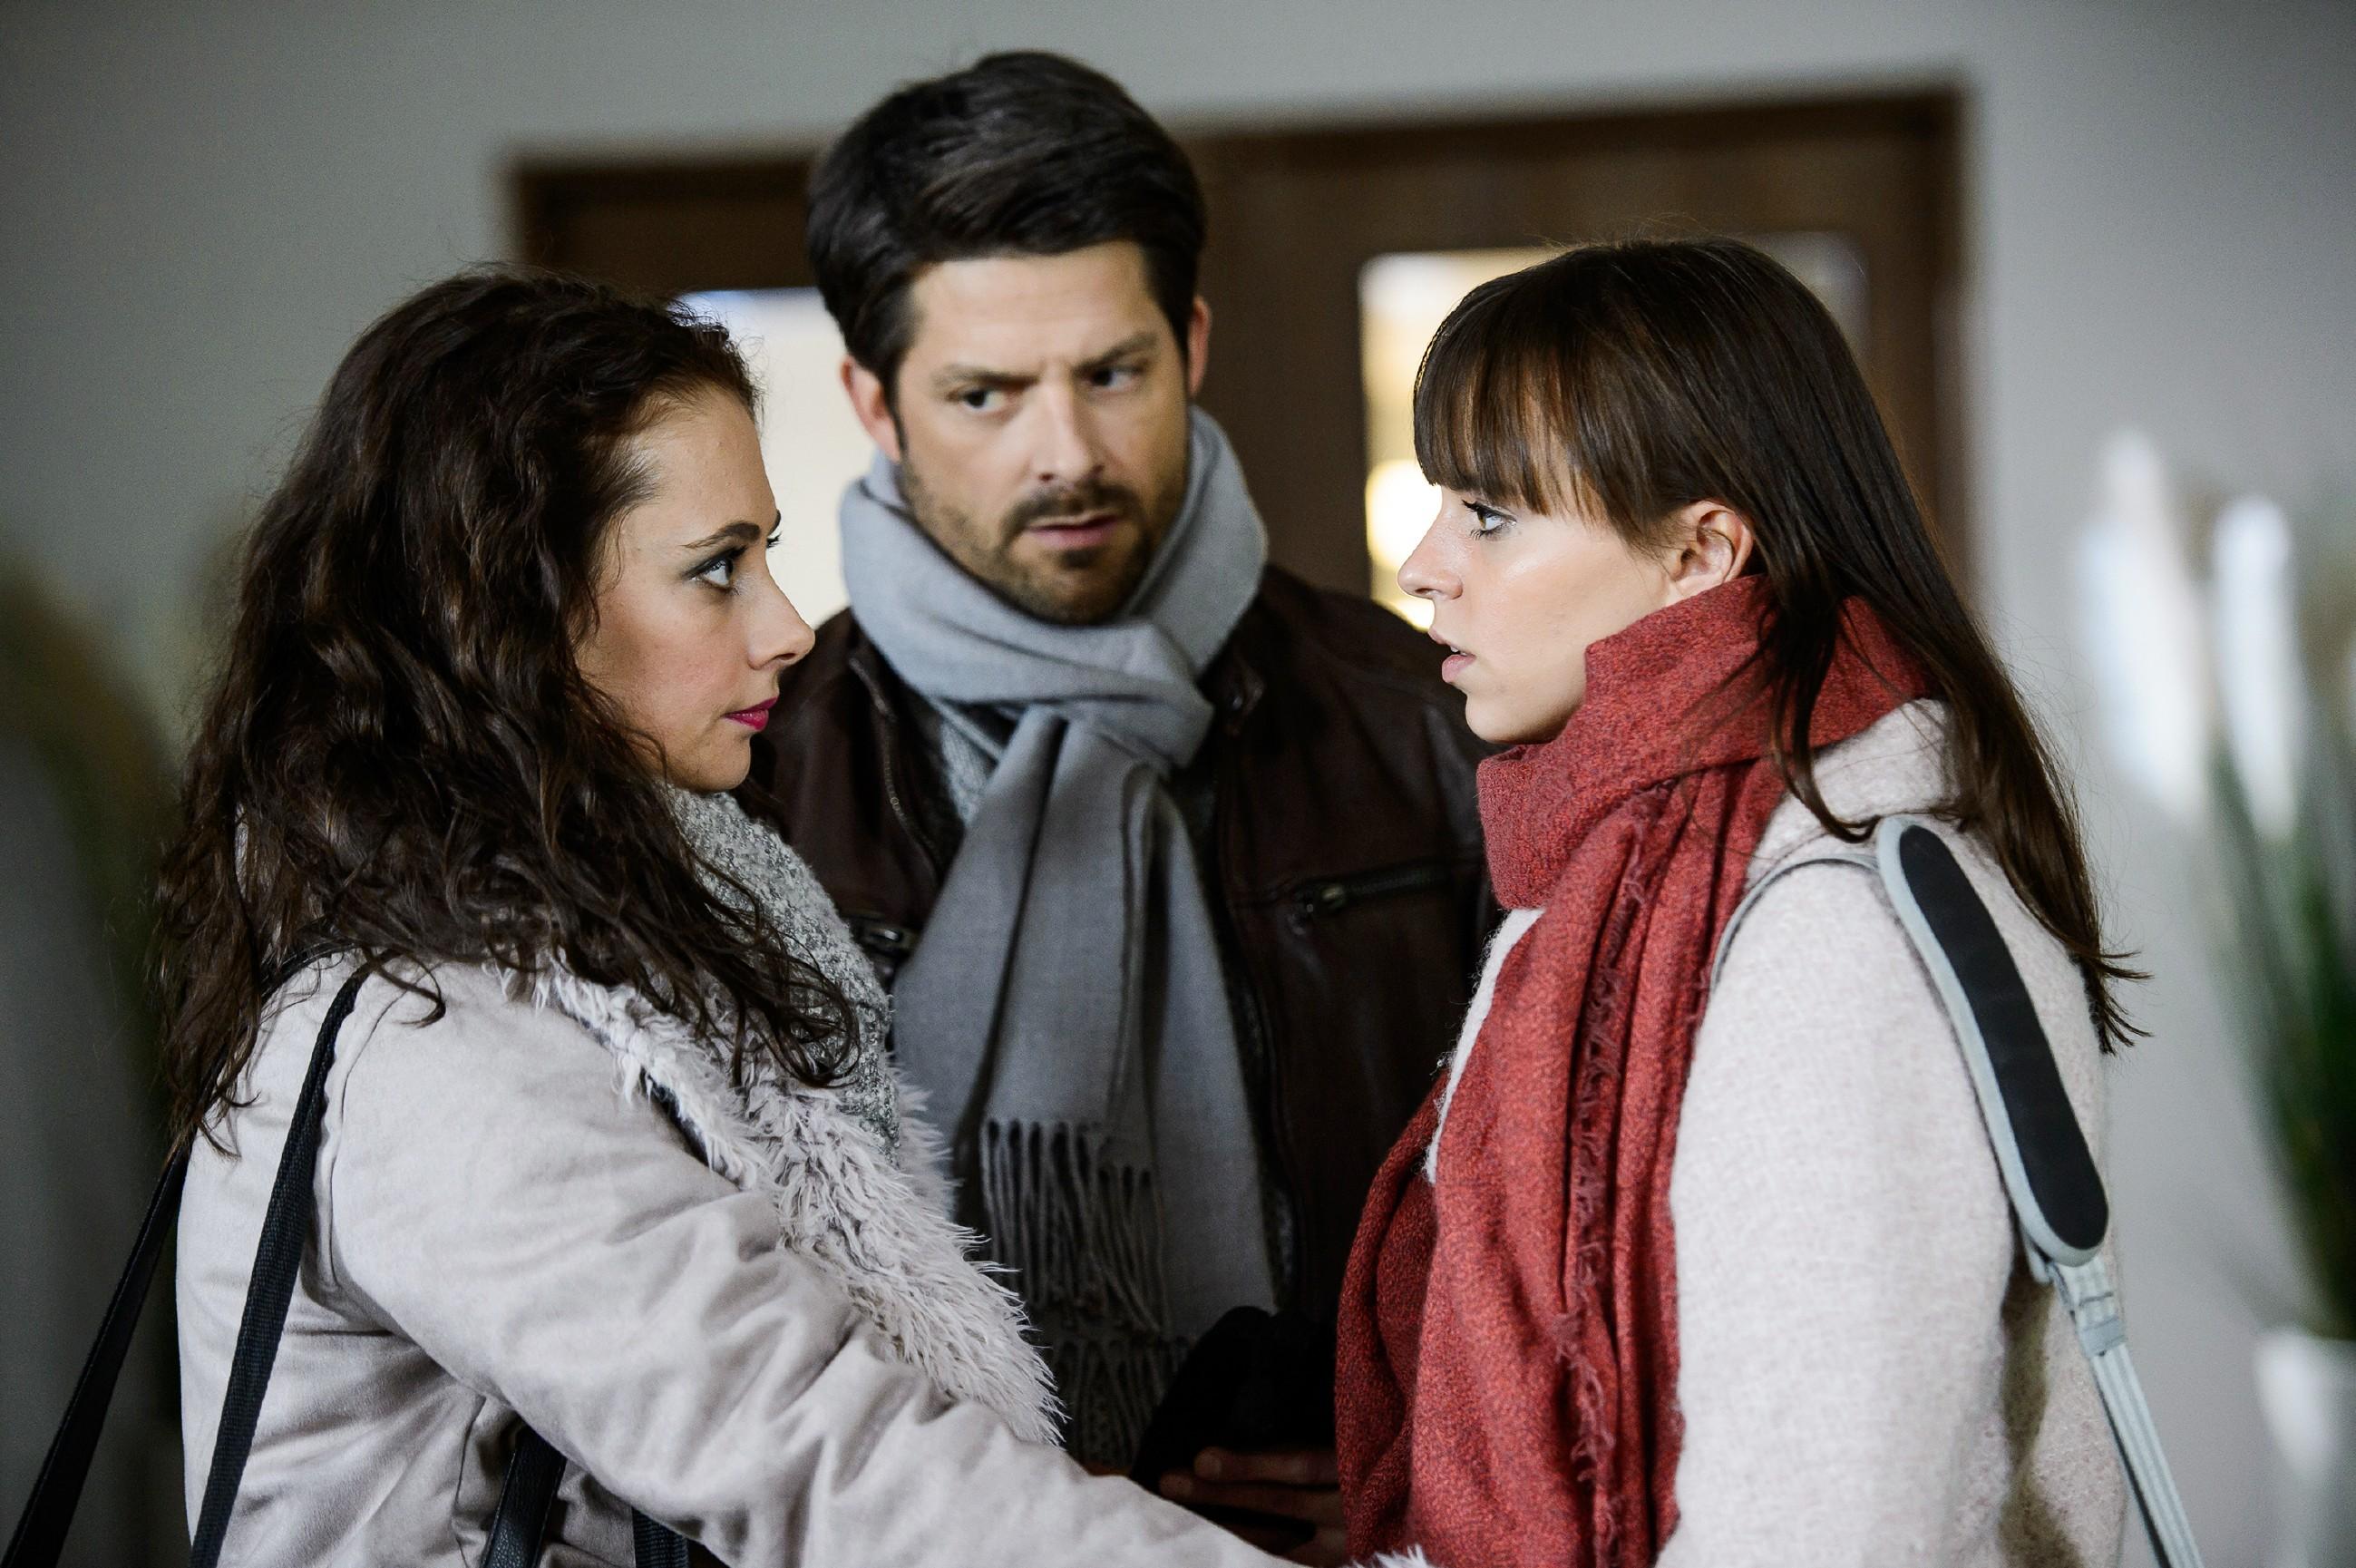 Michelle (Franziska Benz, r.) versucht vergeblich vor Carmen (Heike Warmuth) und Vincent (Daniel Buder) zu verbergen, dass es ihr nicht gut geht. (Quelle: RTL / Willi Weber)